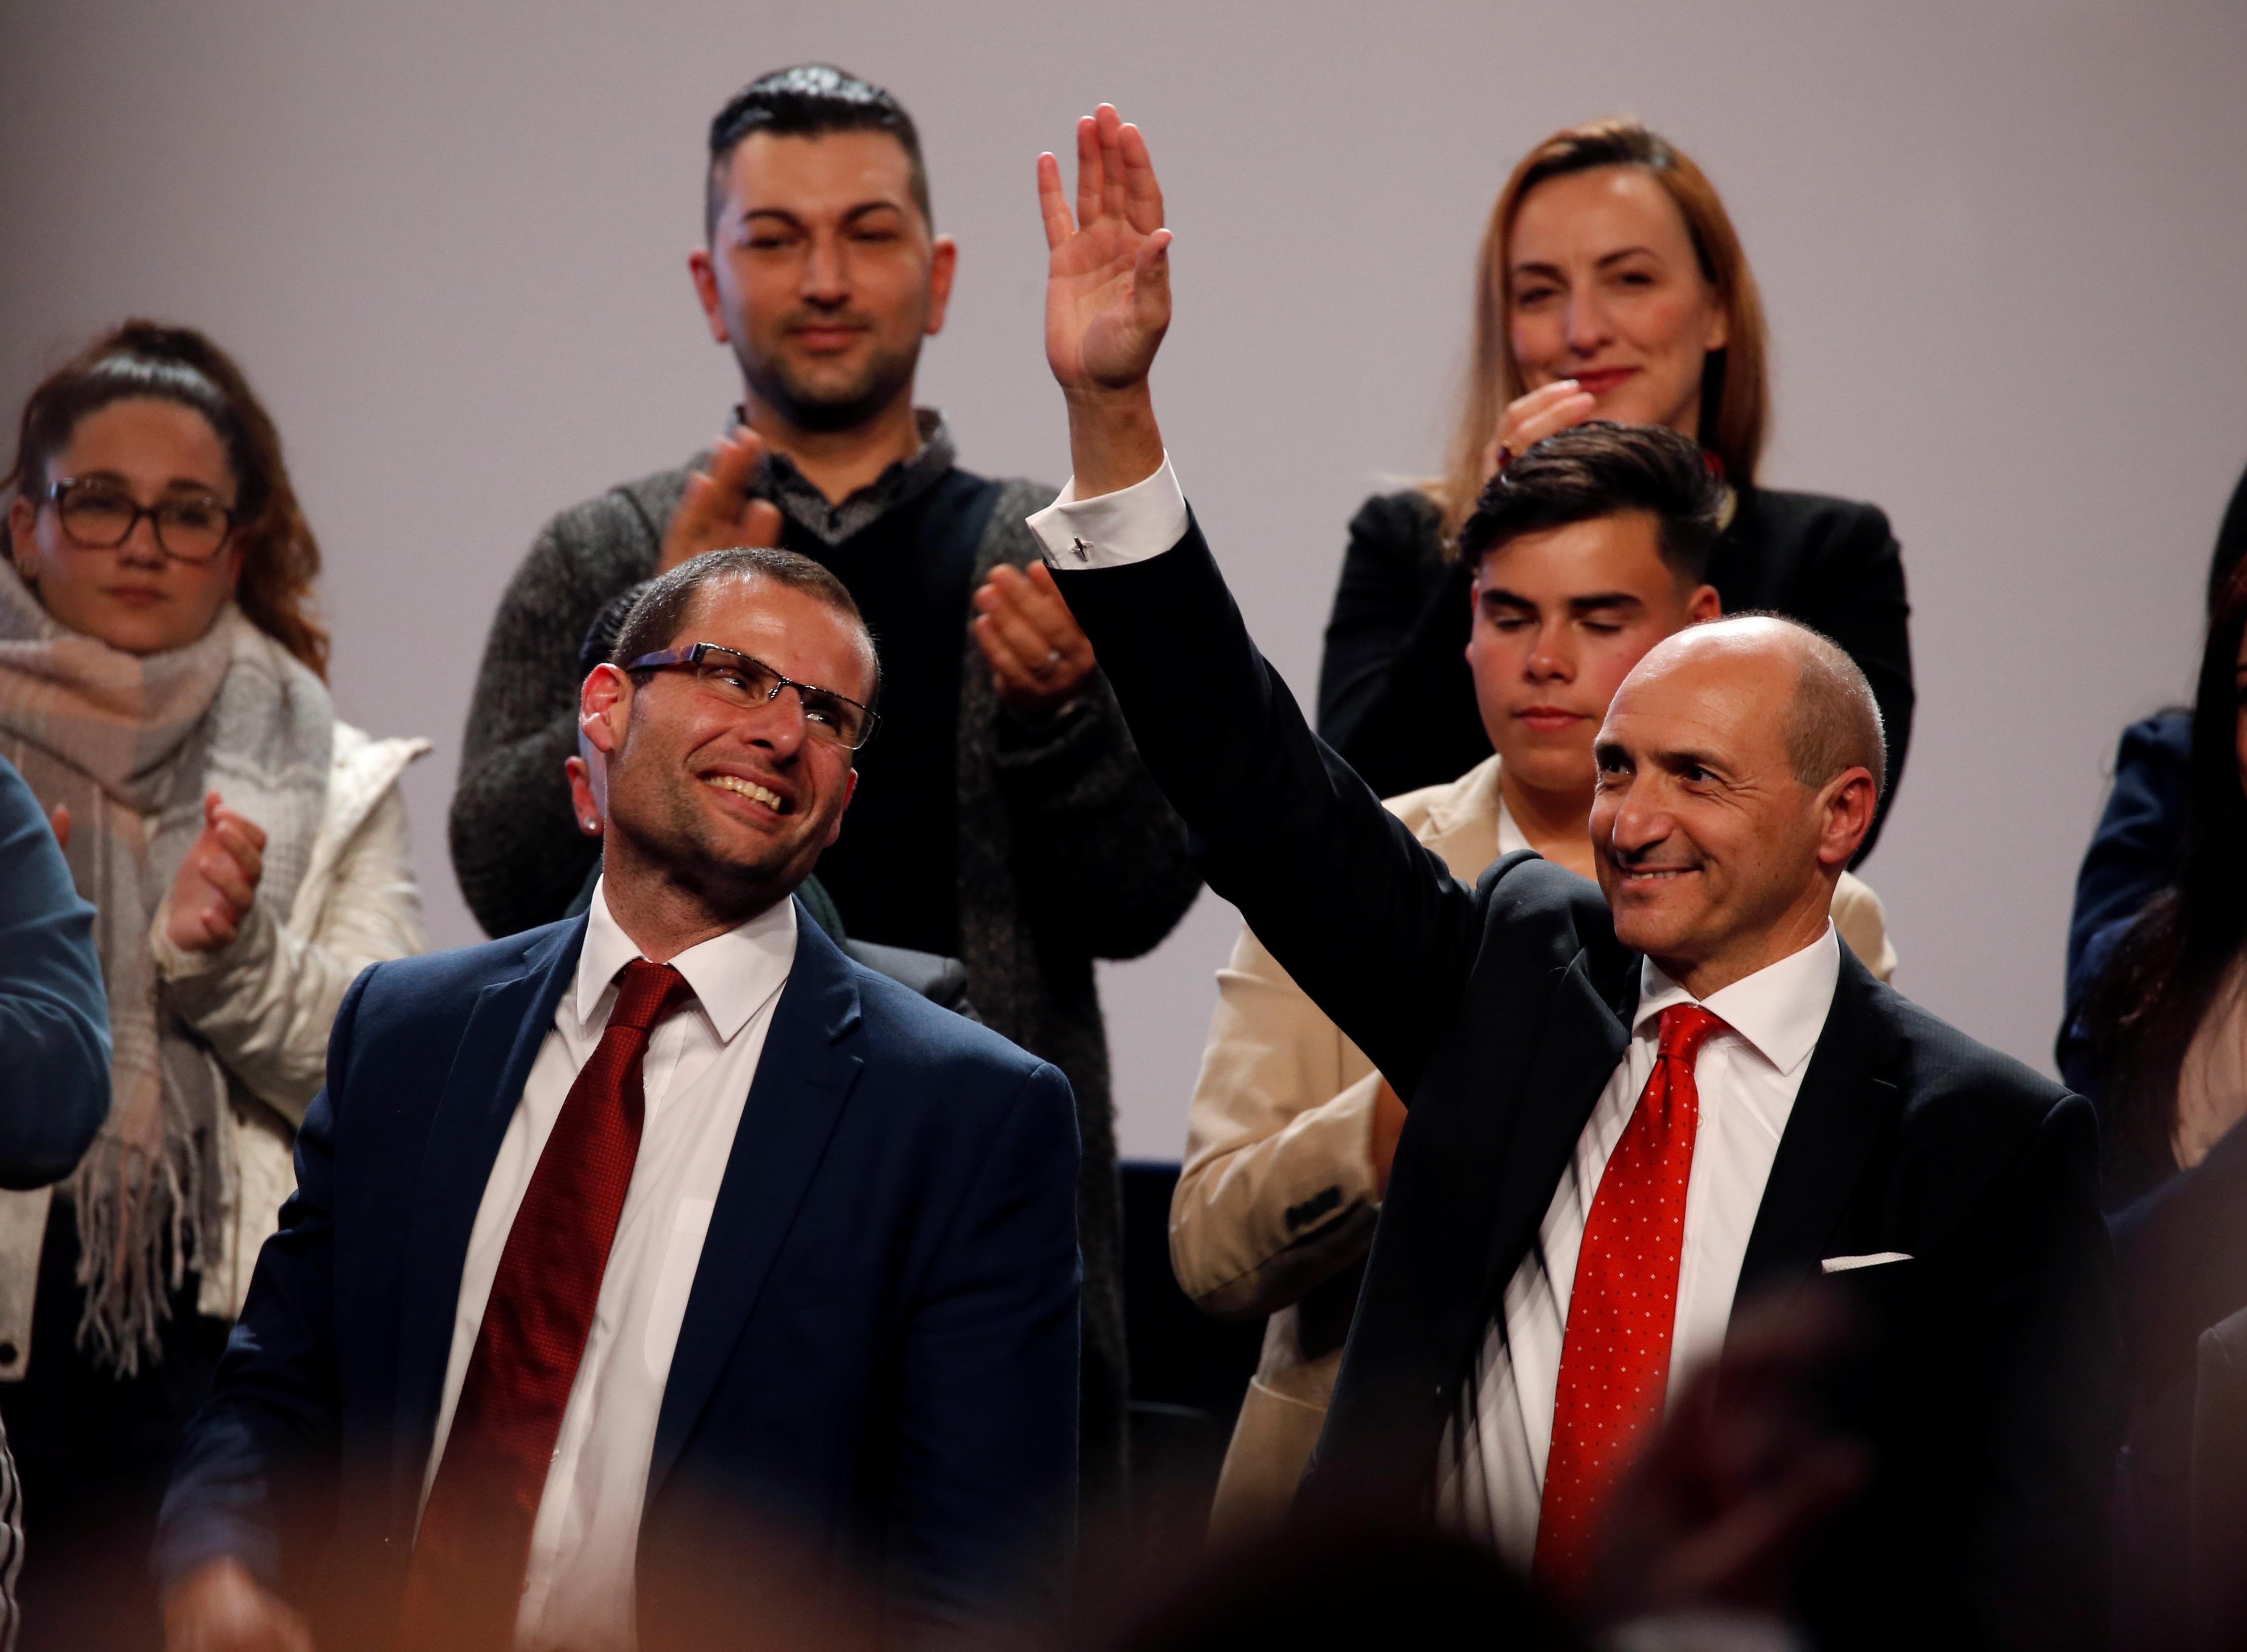 Έκπληξη στη Μάλτα! Νέος πρωθυπουργός ο Ρόμπερτ Αμπέλα